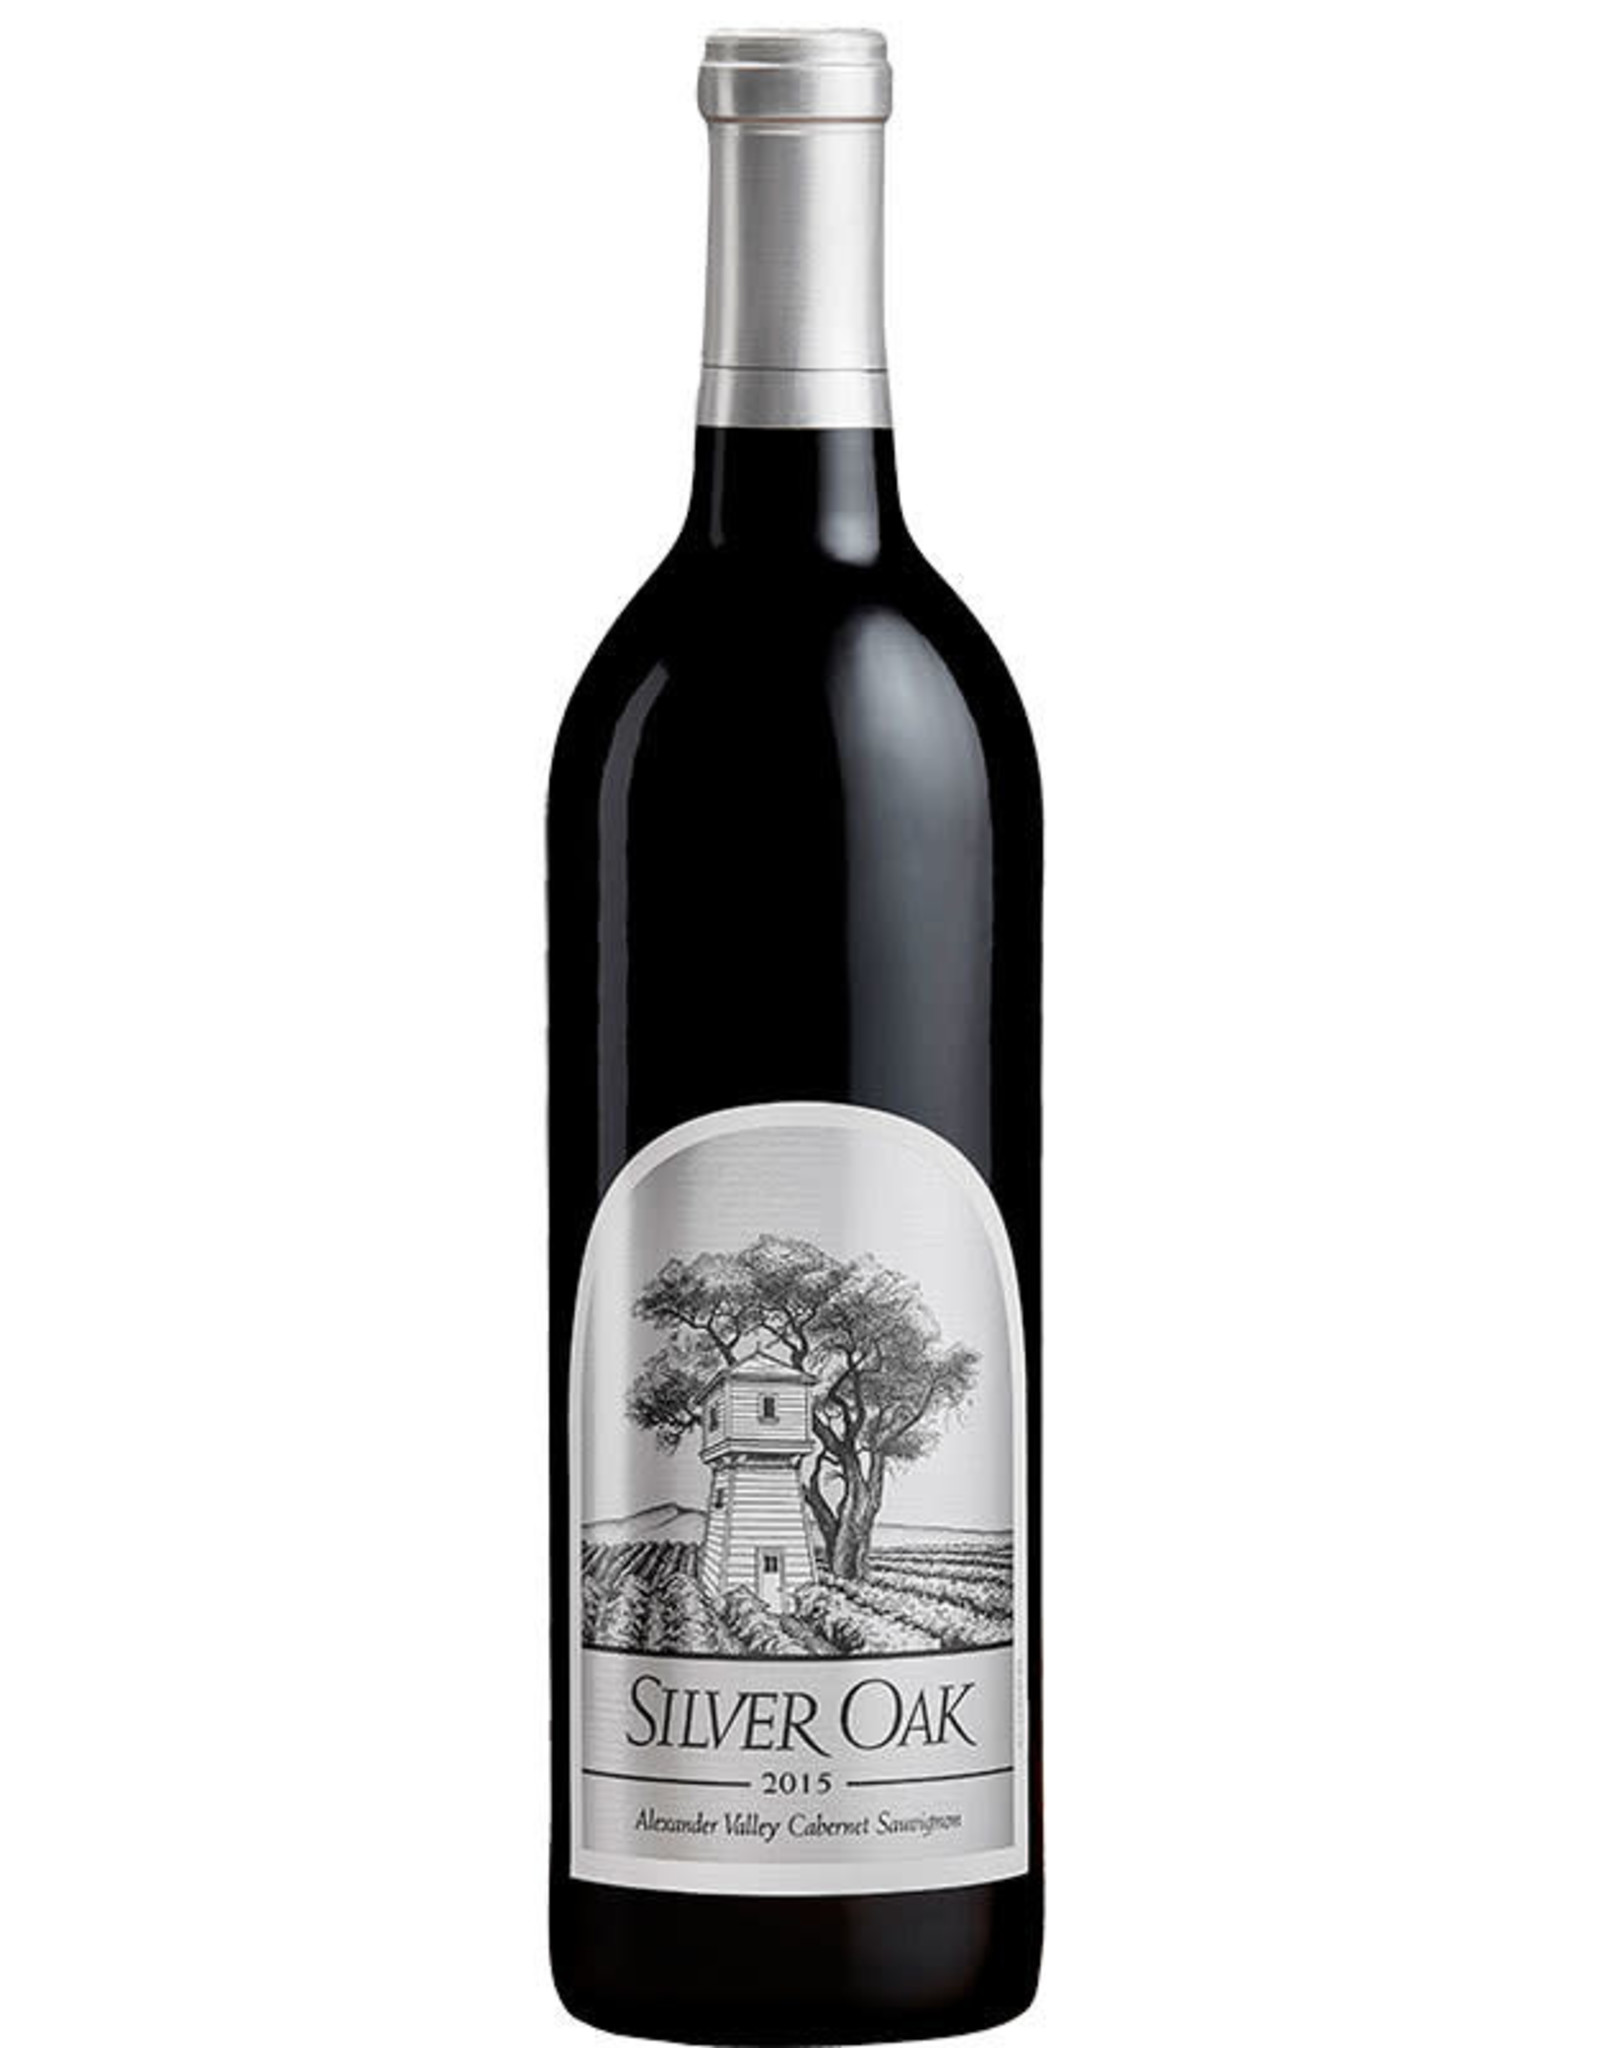 Silver Oak, Alexander Valley Cabernet Sauvignon 2016